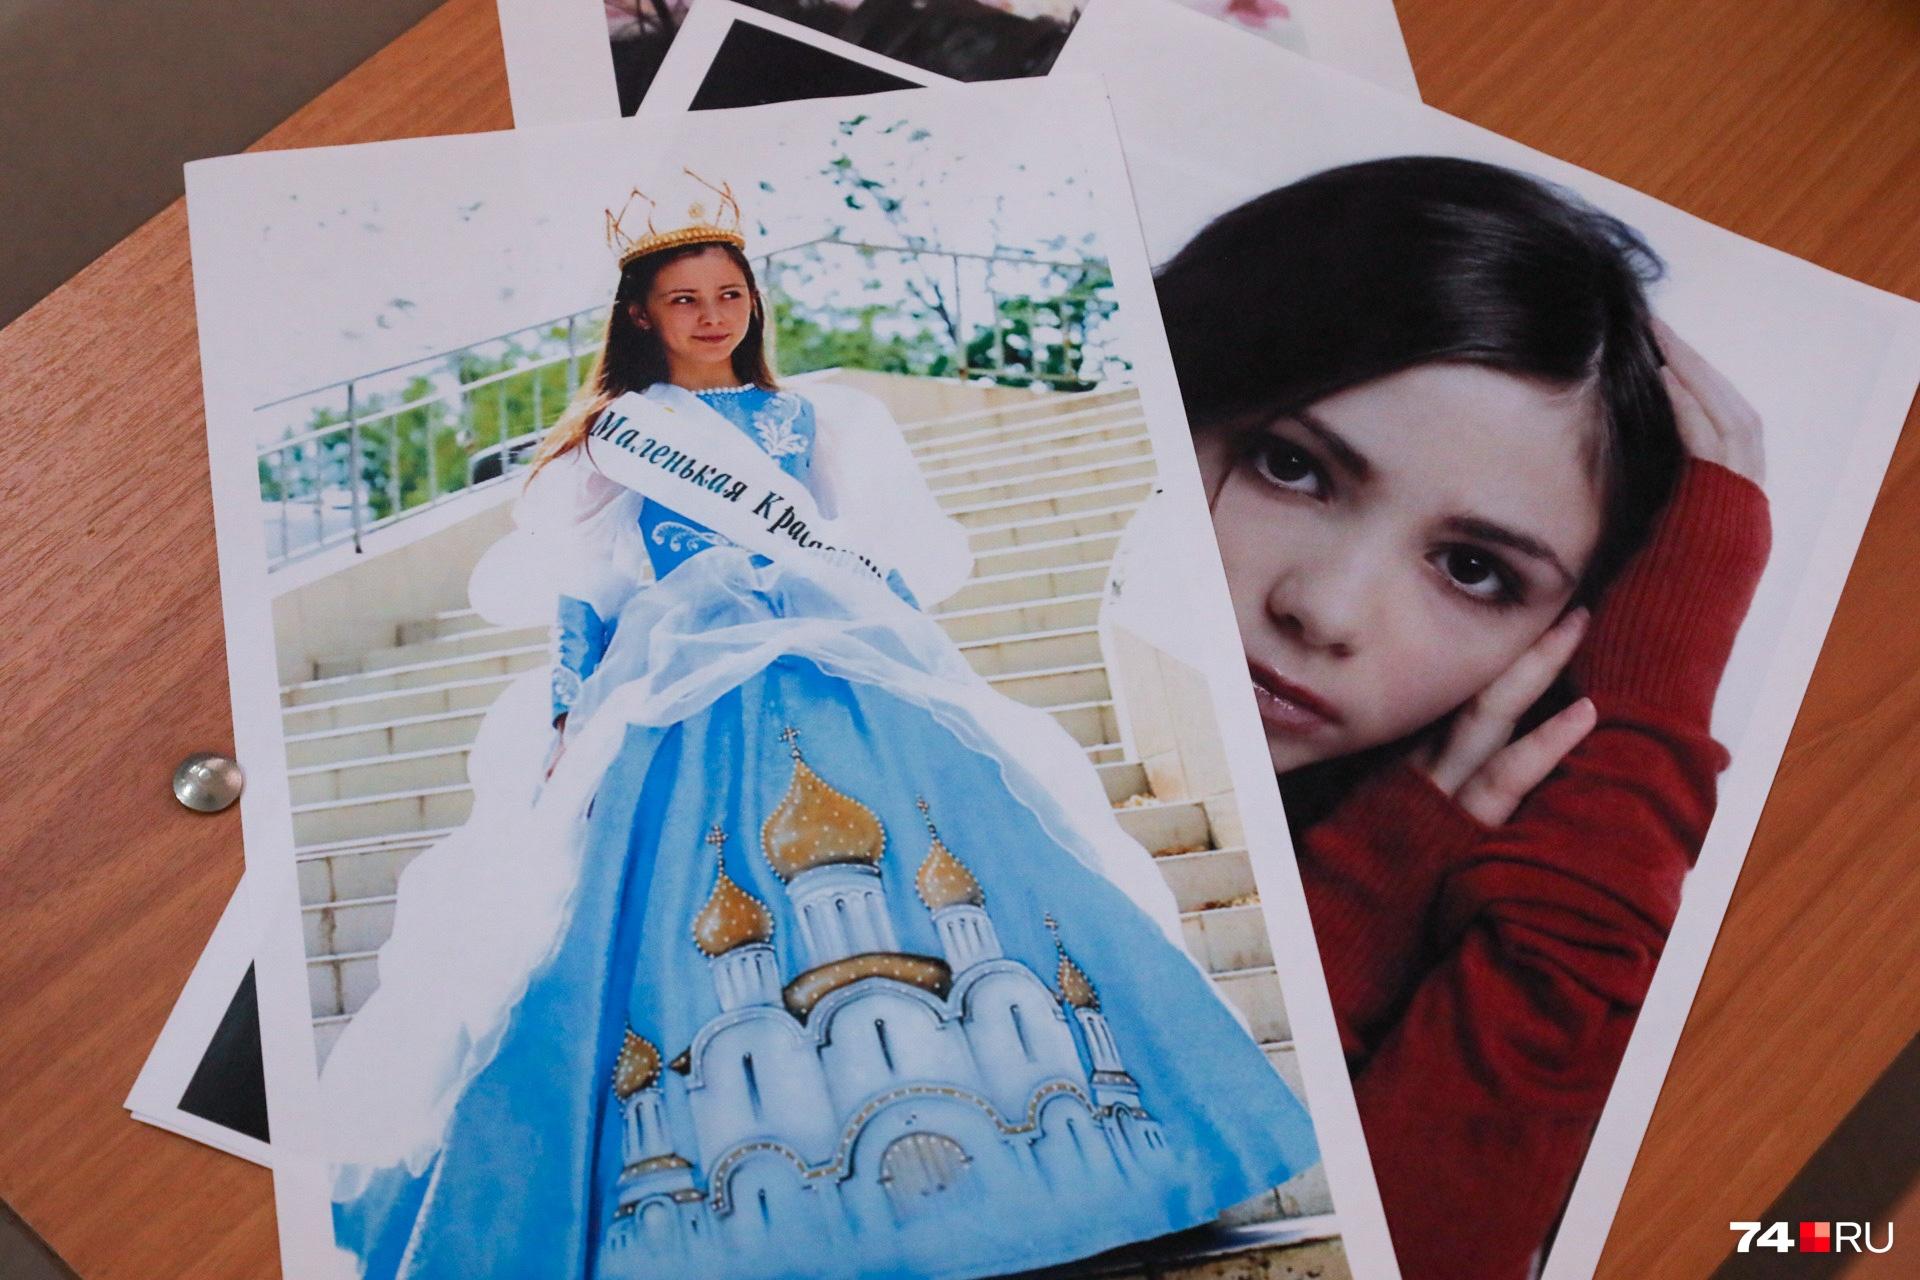 Помимо выписок приобщили снимки девушки и копию ее студенческой книжки. Настя училась на факультете государственного и муниципального управления